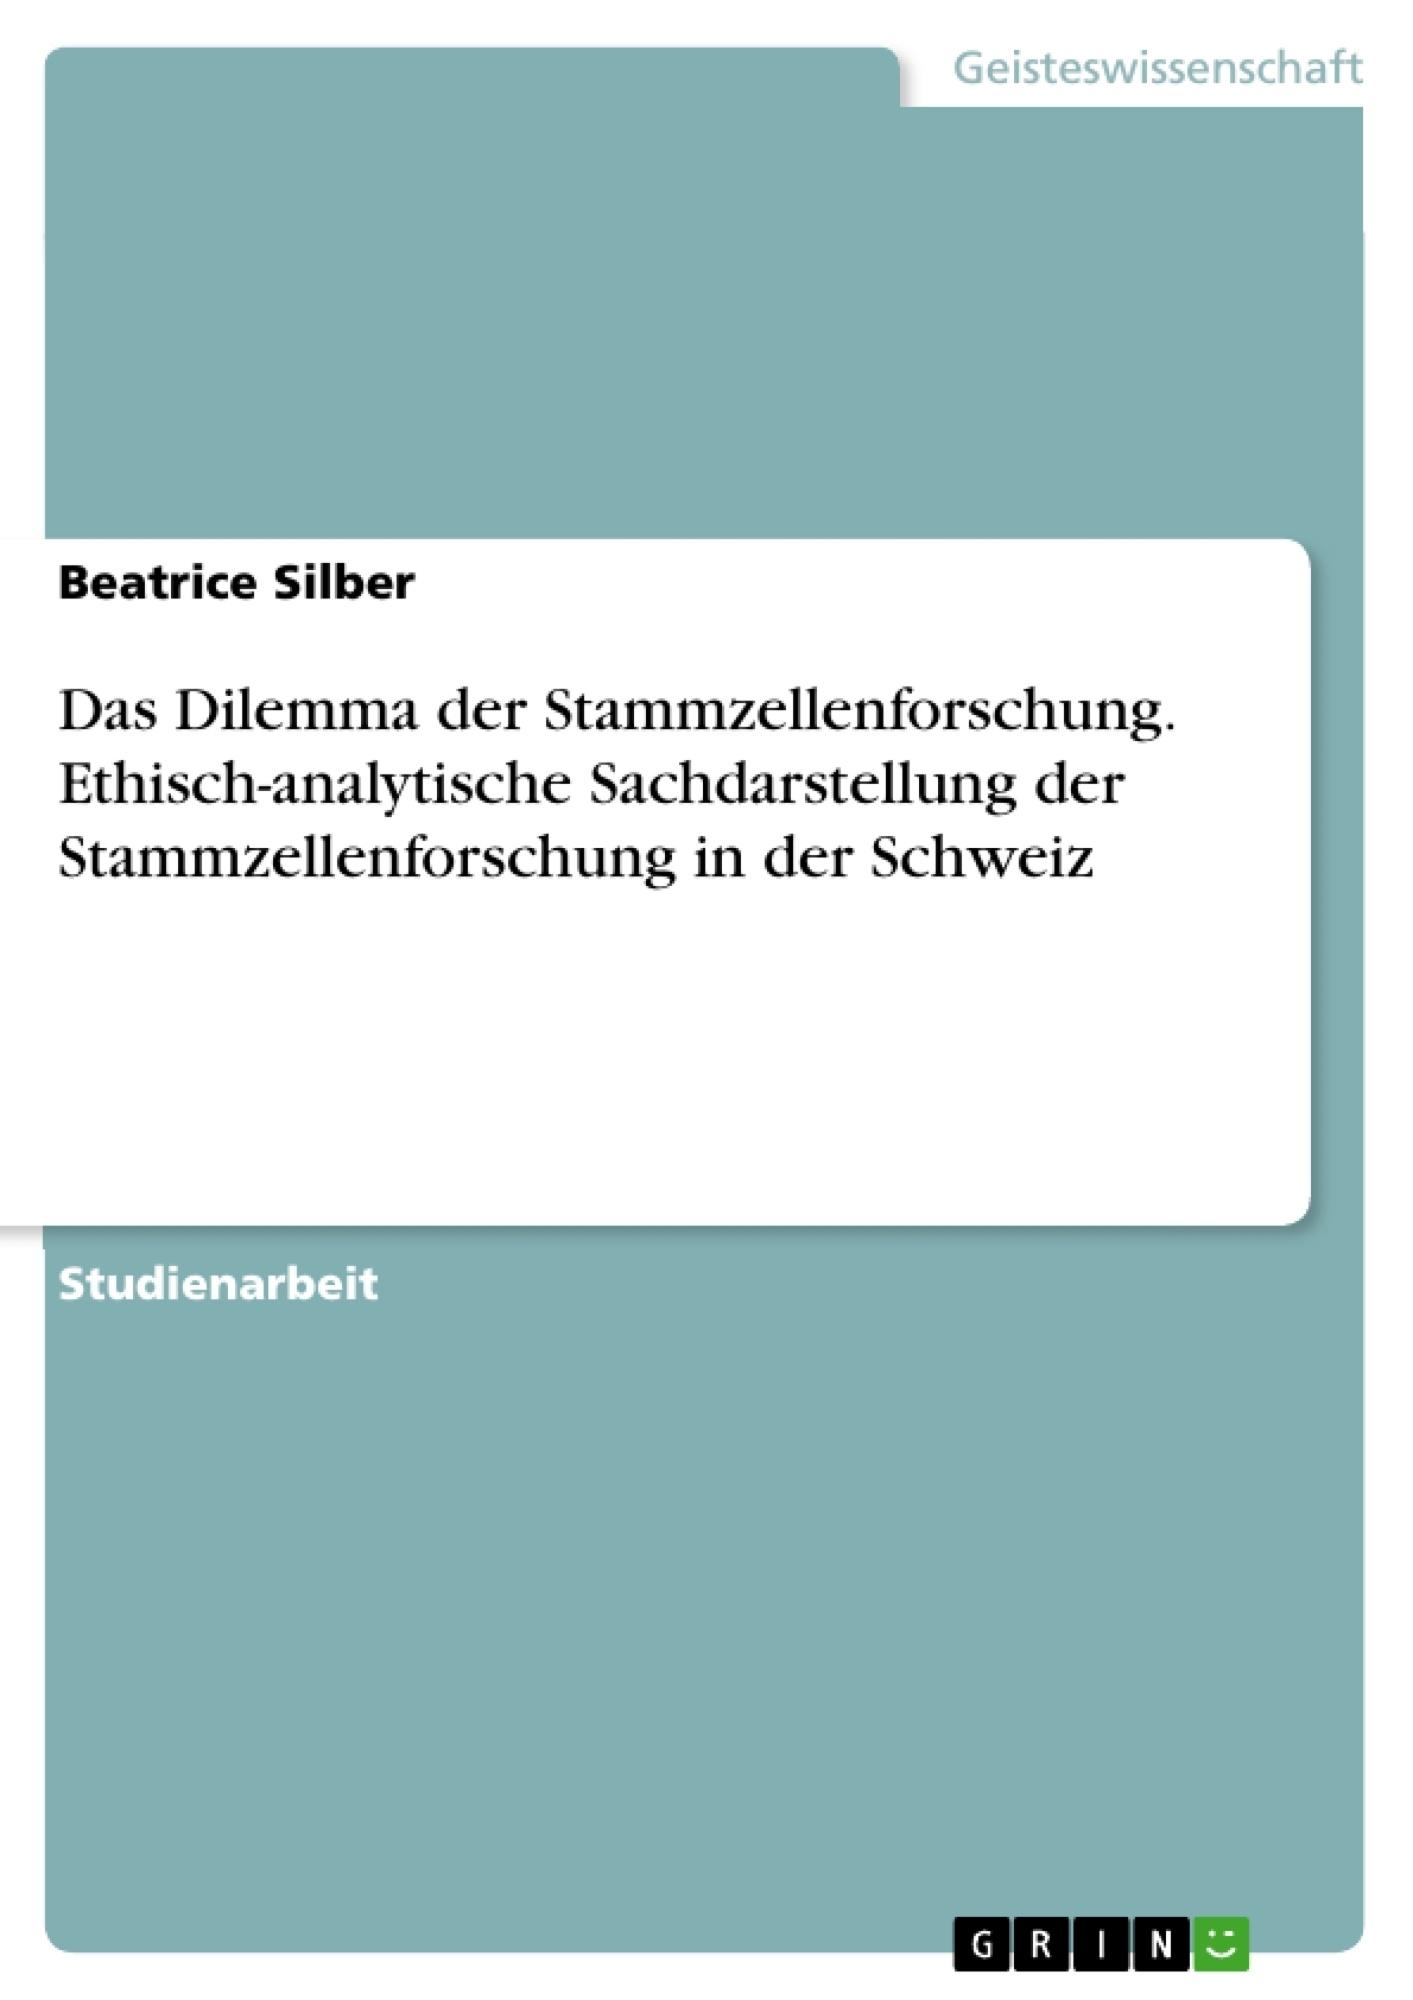 Titel: Das Dilemma der Stammzellenforschung. Ethisch-analytische Sachdarstellung der Stammzellenforschung in der Schweiz